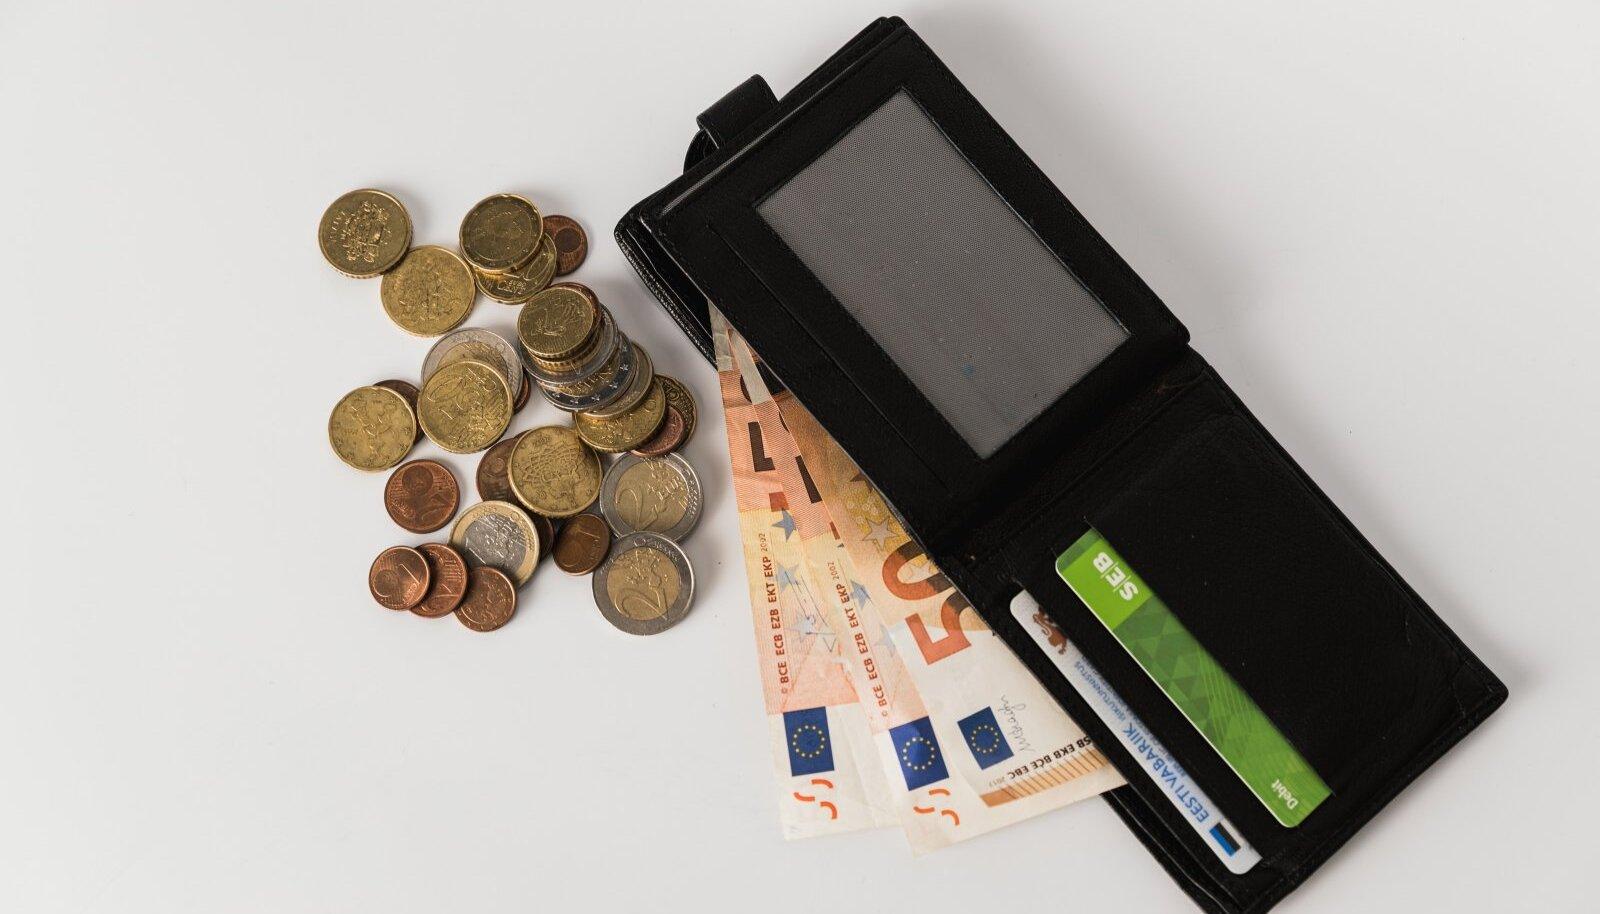 Kõige enam suurenes keskmine brutokuupalk info ja side tegevusalal